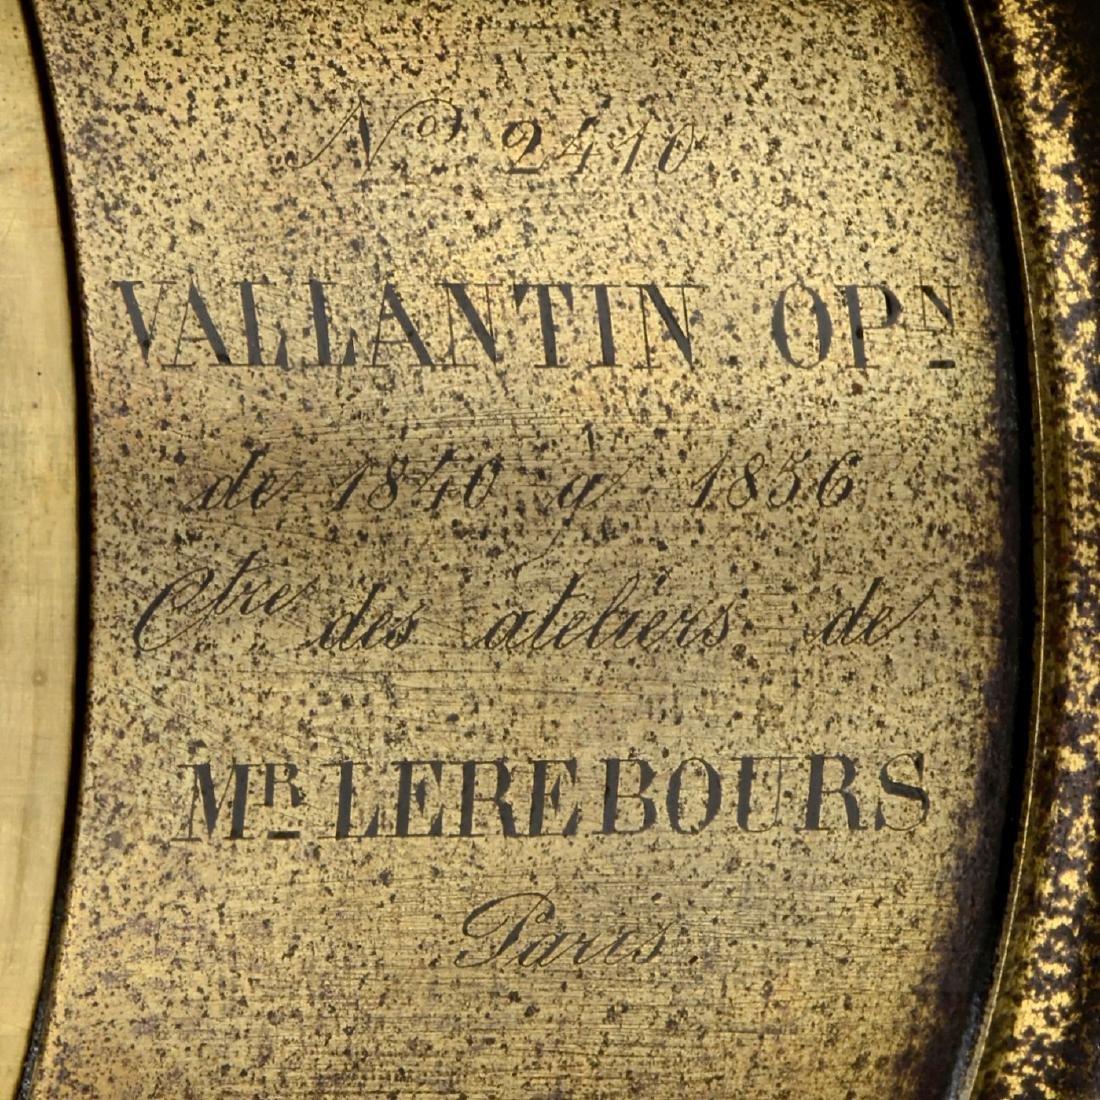 Vallantin Landscape Lens, c. 1865 - 2